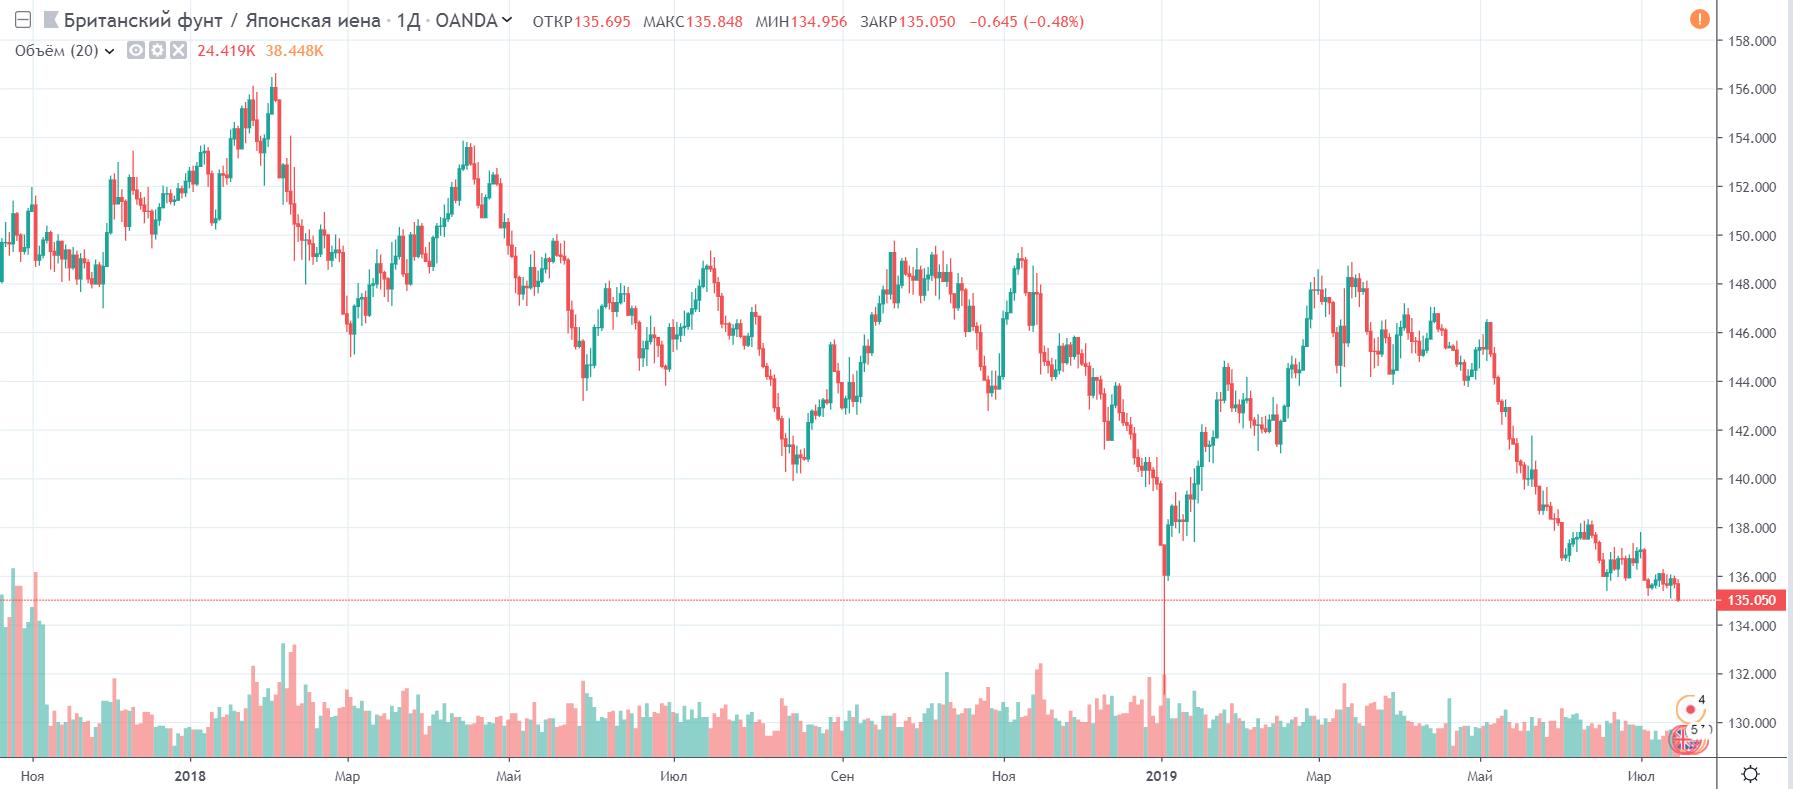 Среднесрочный прогноз по паре британский фунт/японская йена (GBP/USD) 